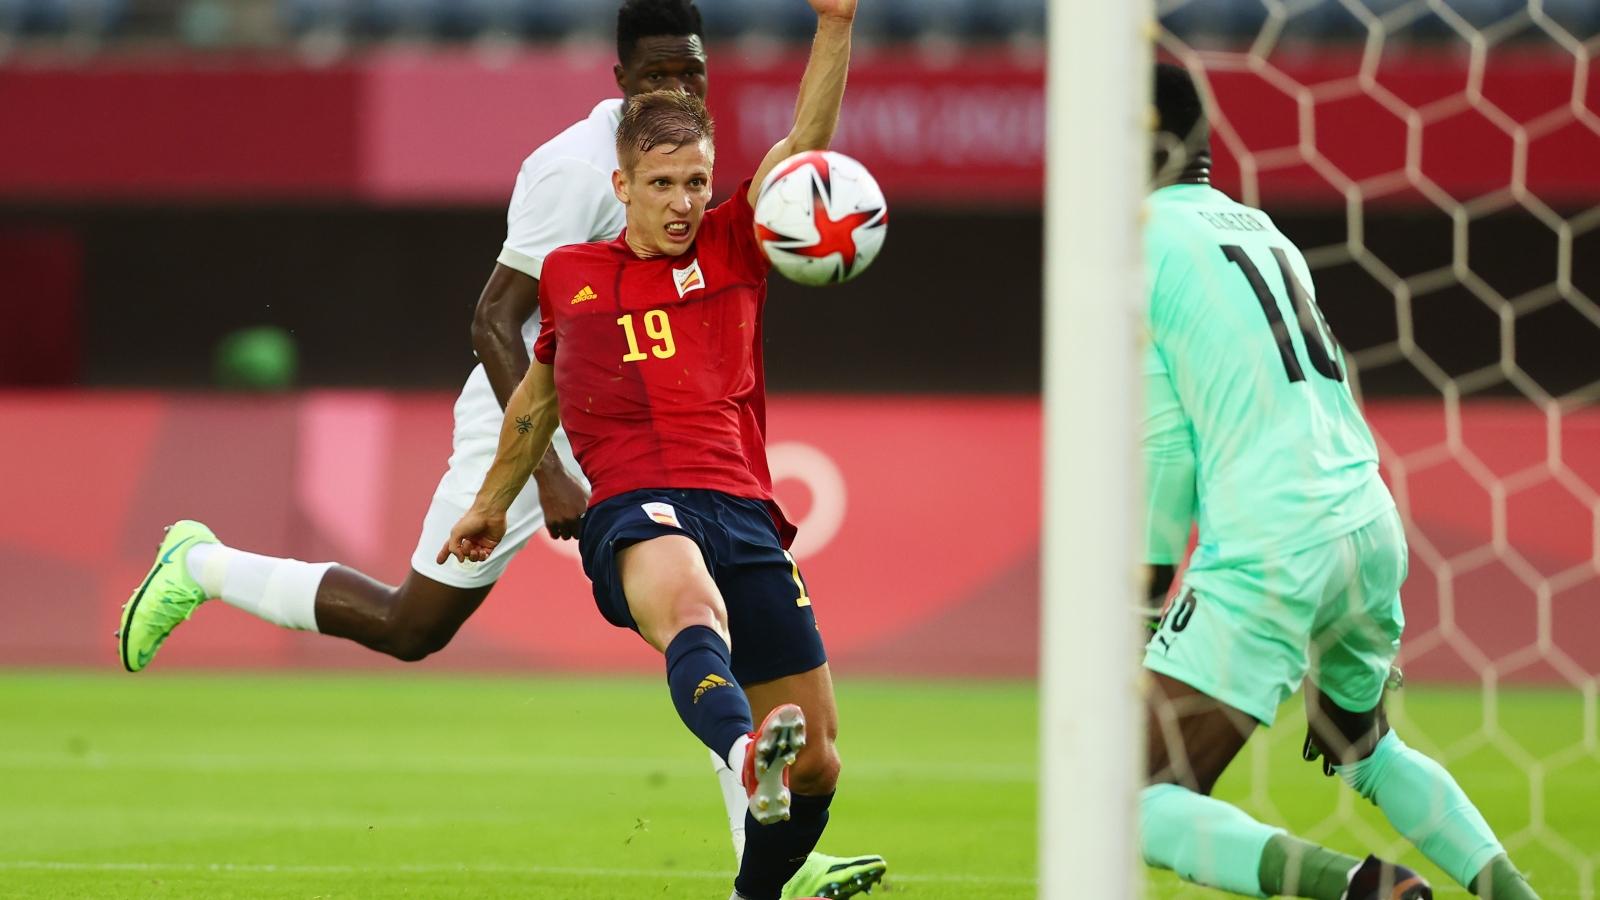 TRỰC TIẾP Tây Ban Nha 1-1 Bờ Biển Ngà: Căng như dây đàn